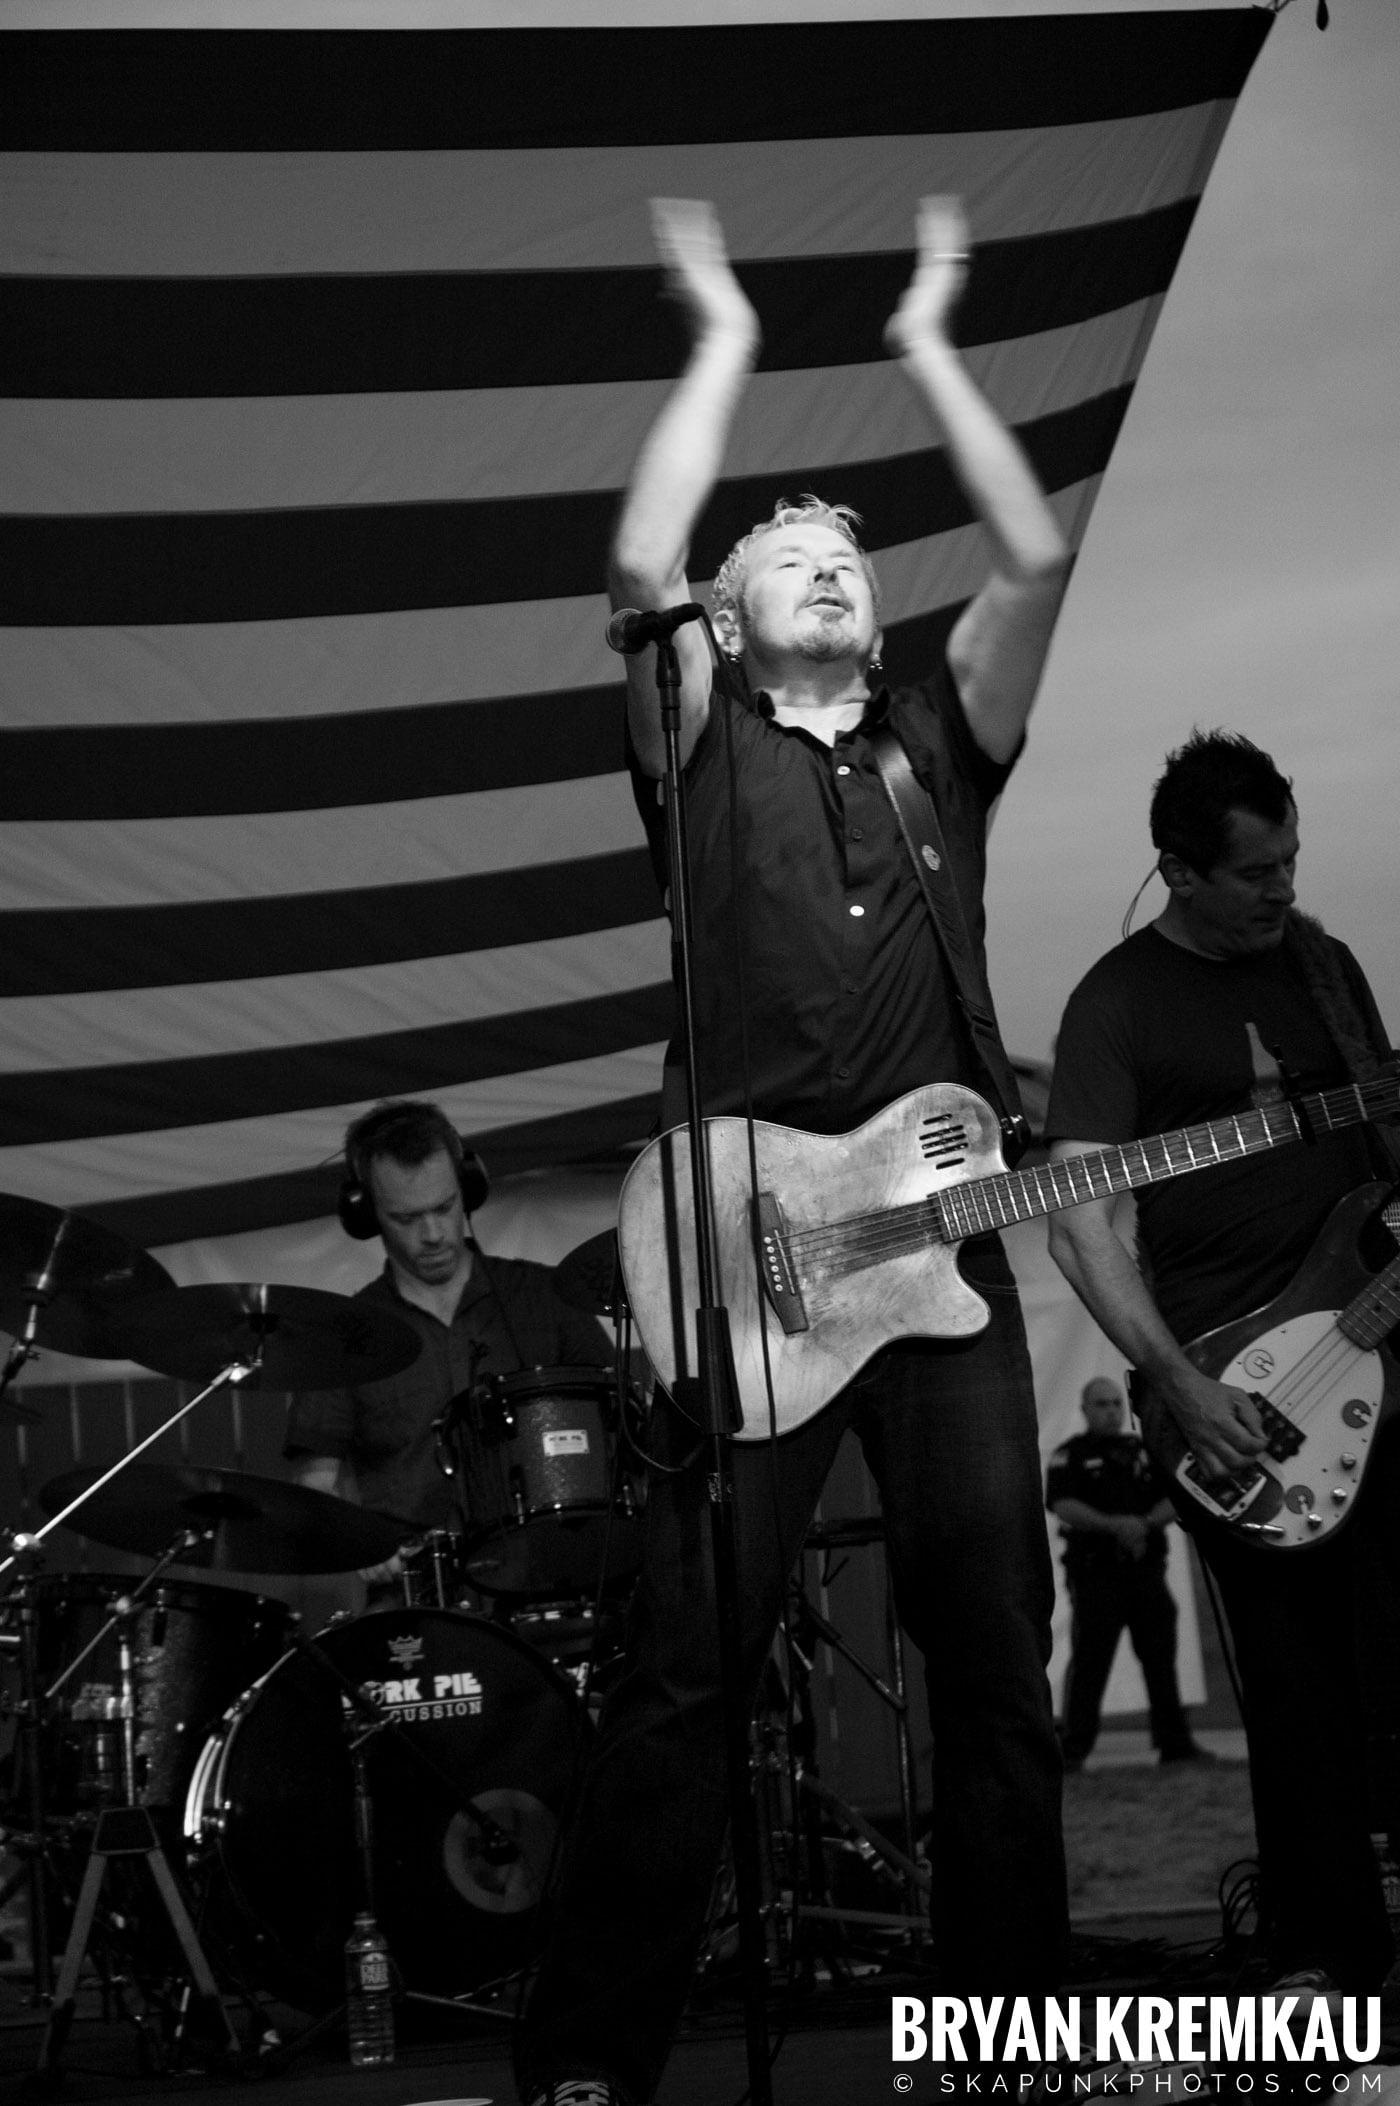 The Young Dubliners @ Burlington County Amphitheater, Burlington, NJ - 8.19.07 (15)